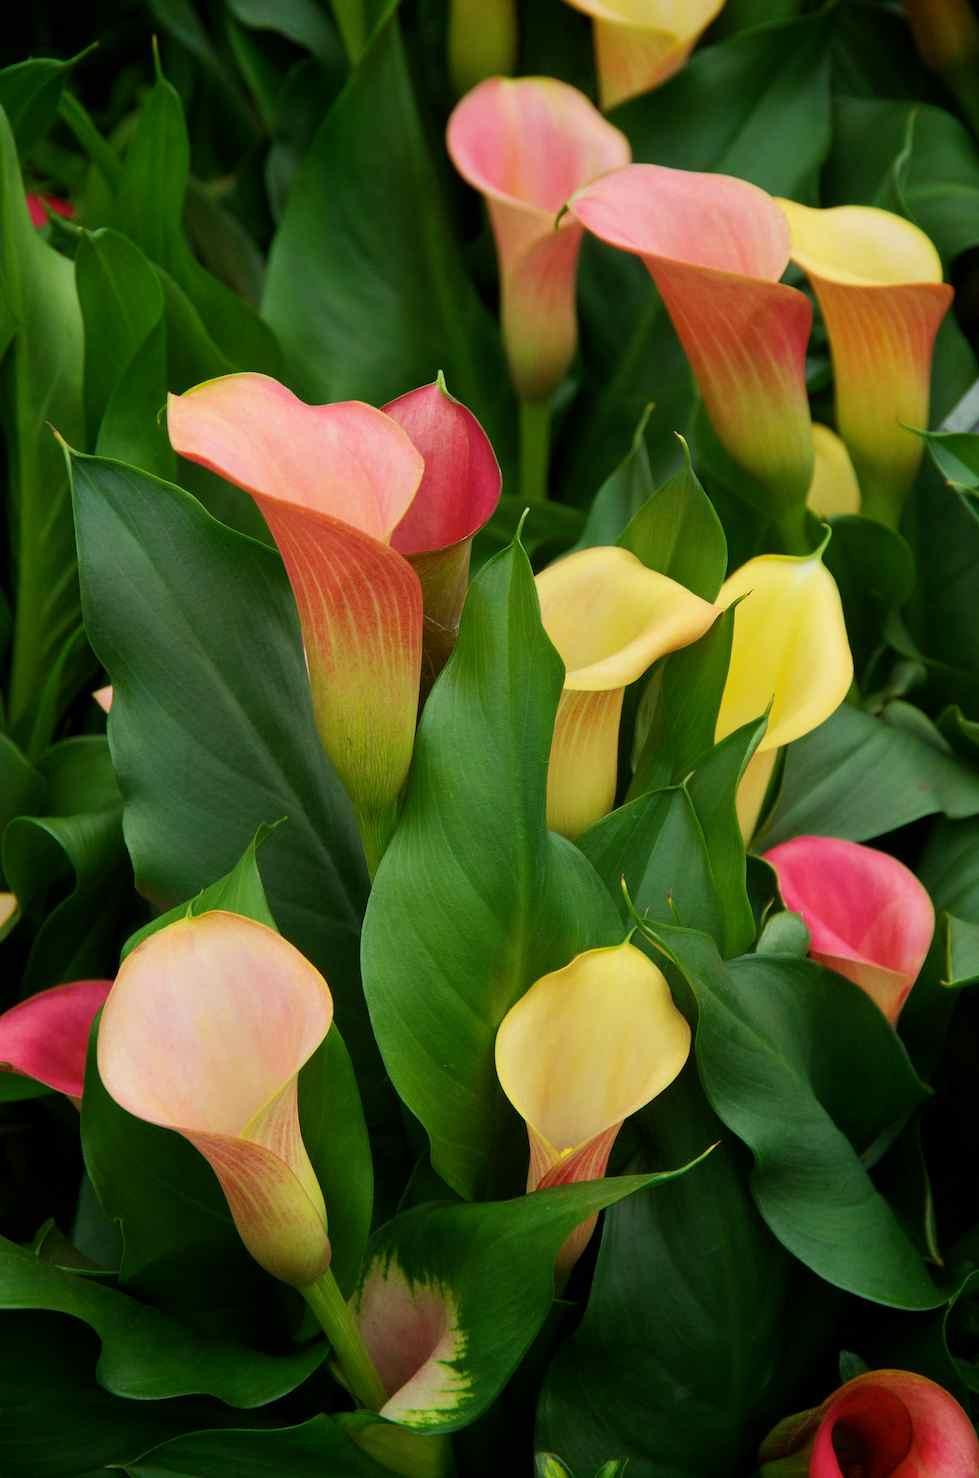 photographer 39 s garden zantedeschia or arum lily. Black Bedroom Furniture Sets. Home Design Ideas